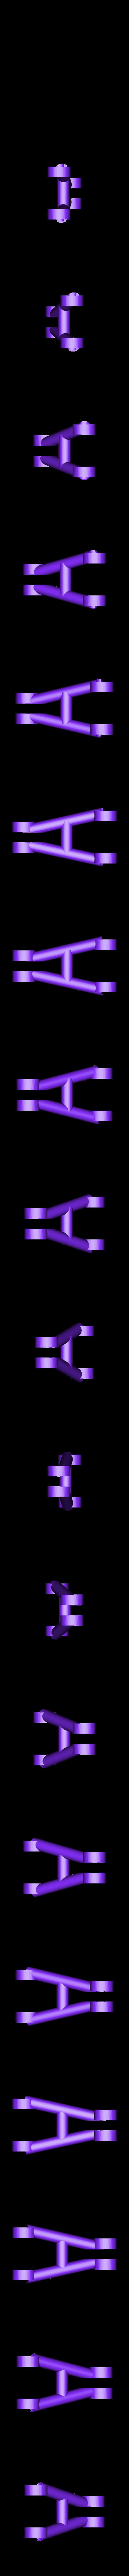 vork onder.stl Download free STL file quad (custom) • 3D printing design, jasperbaudoin